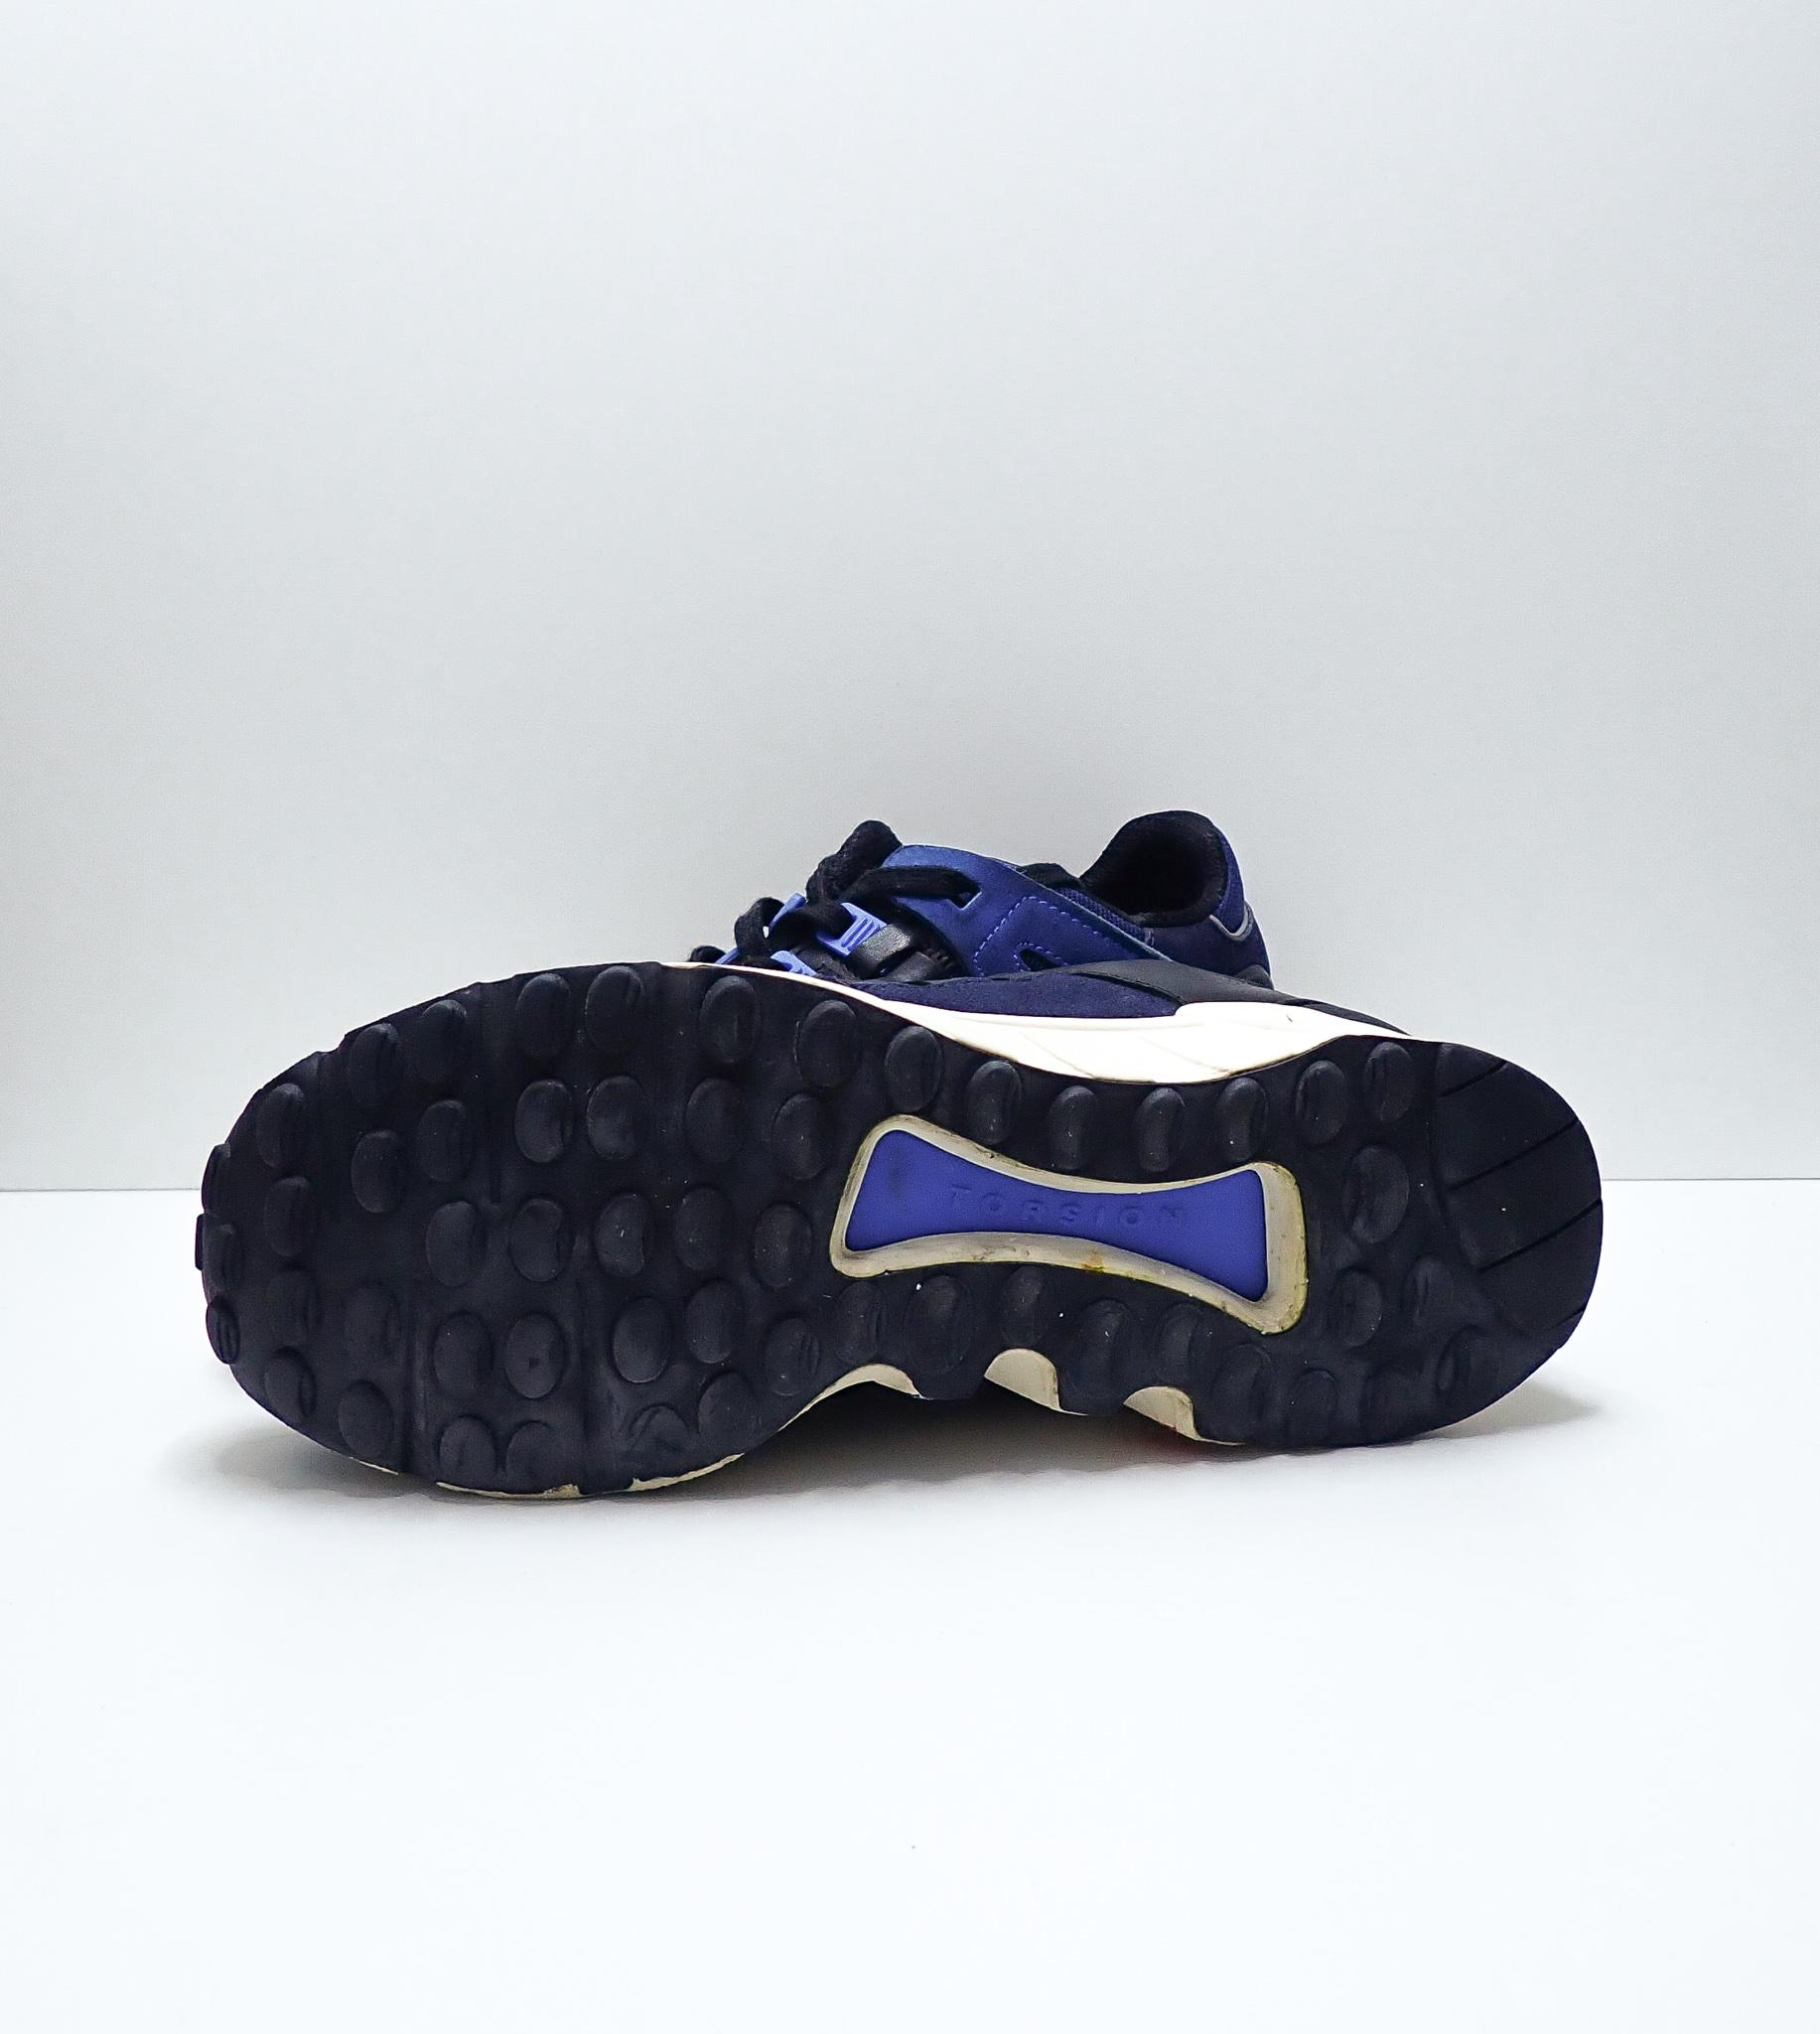 Adidas EQT Running Support 93 UNDFTD Colette